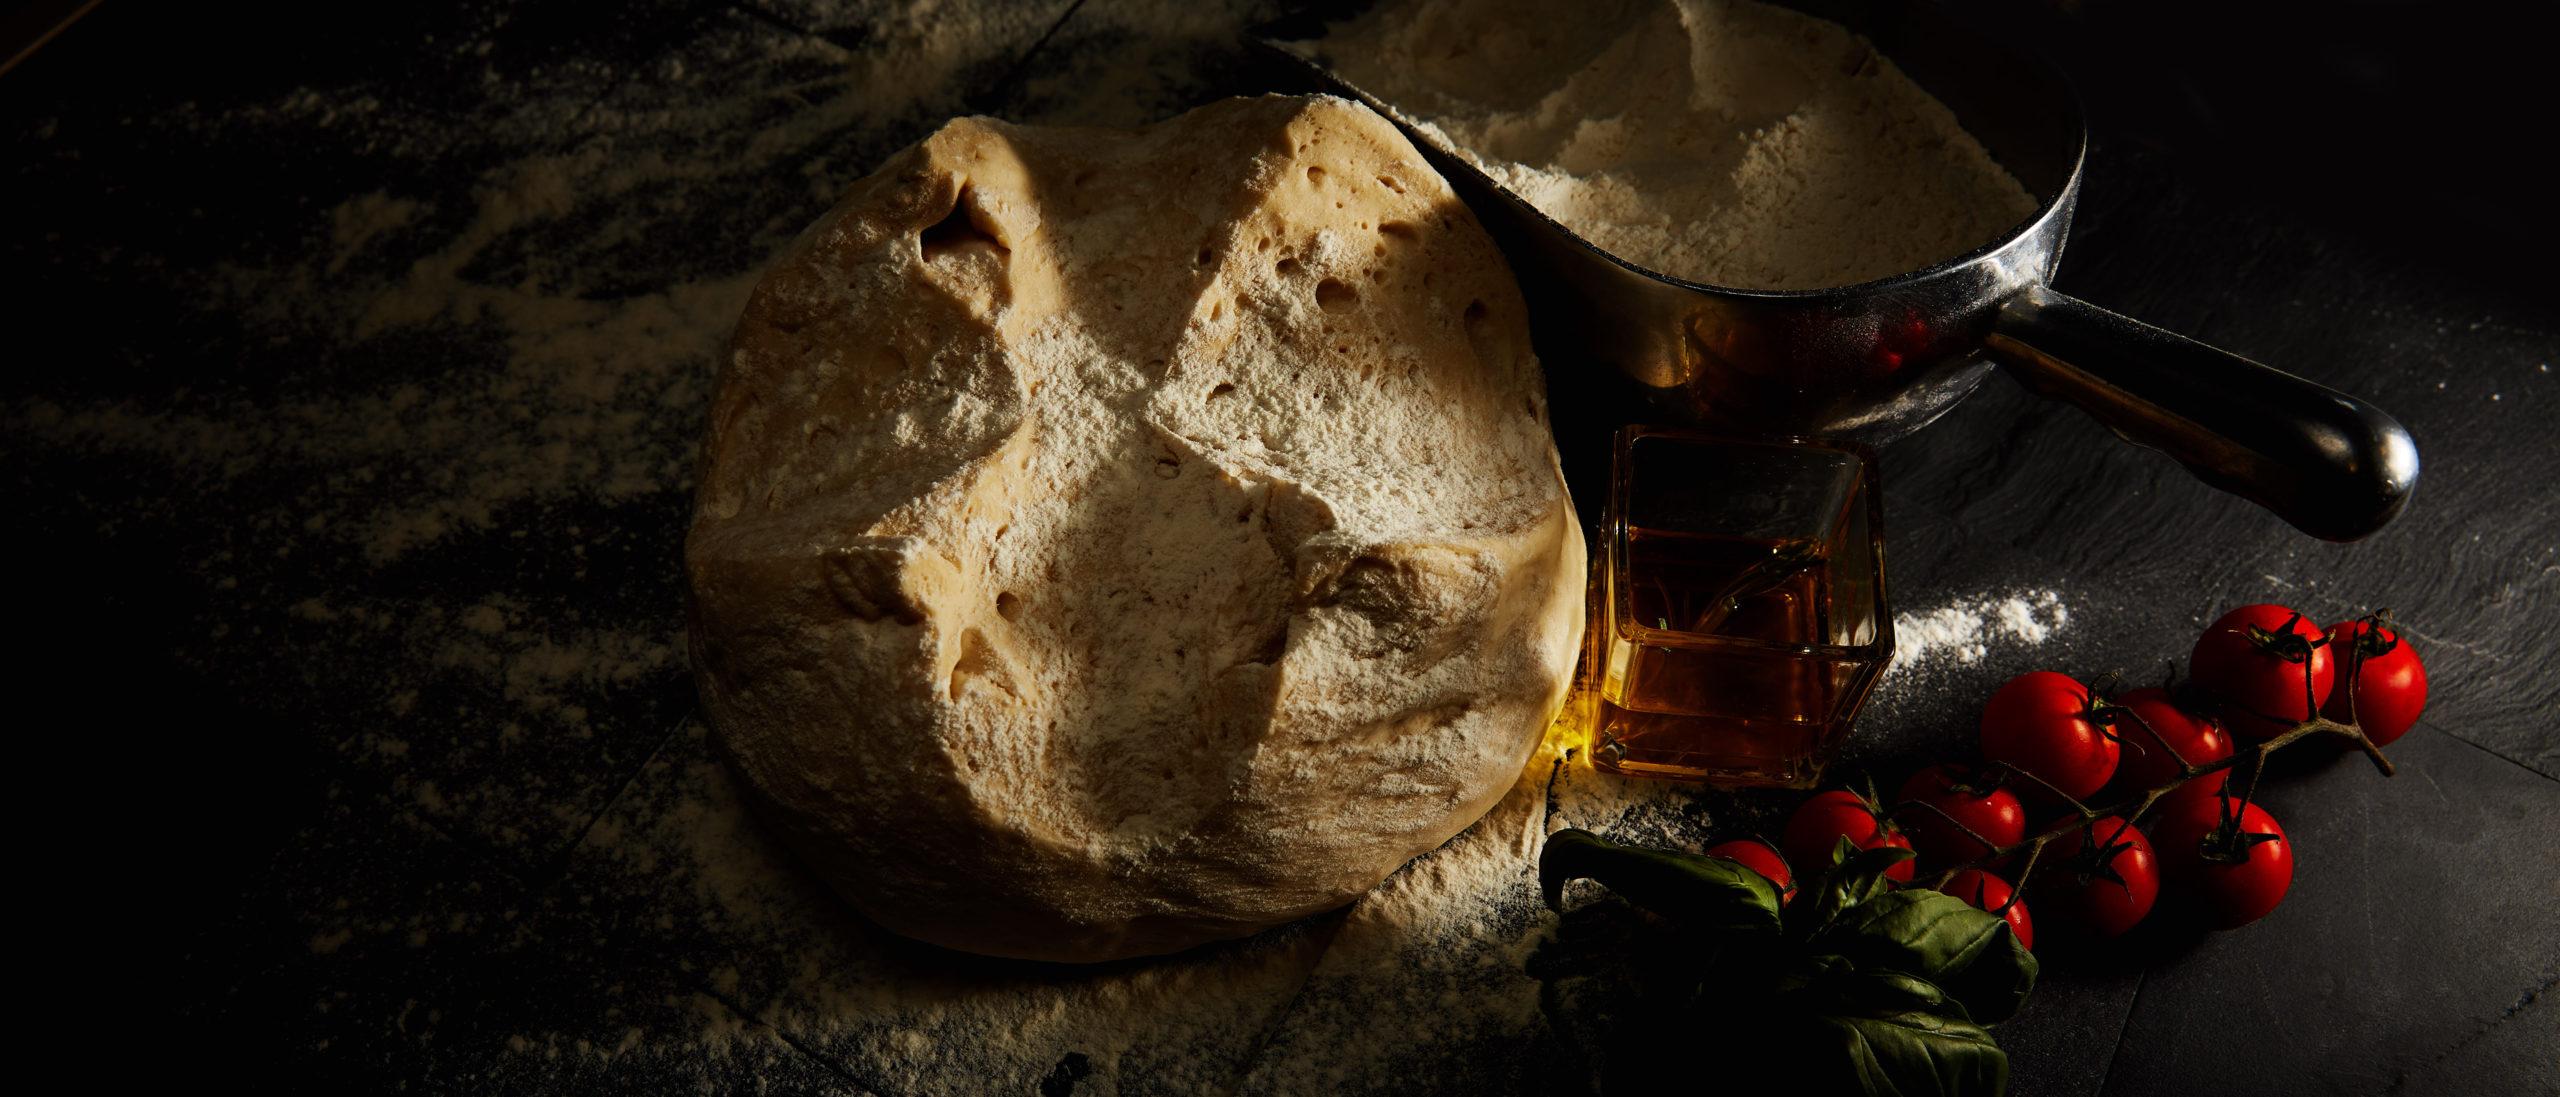 Fotografo cibo Biella pubblicità food alta qualità